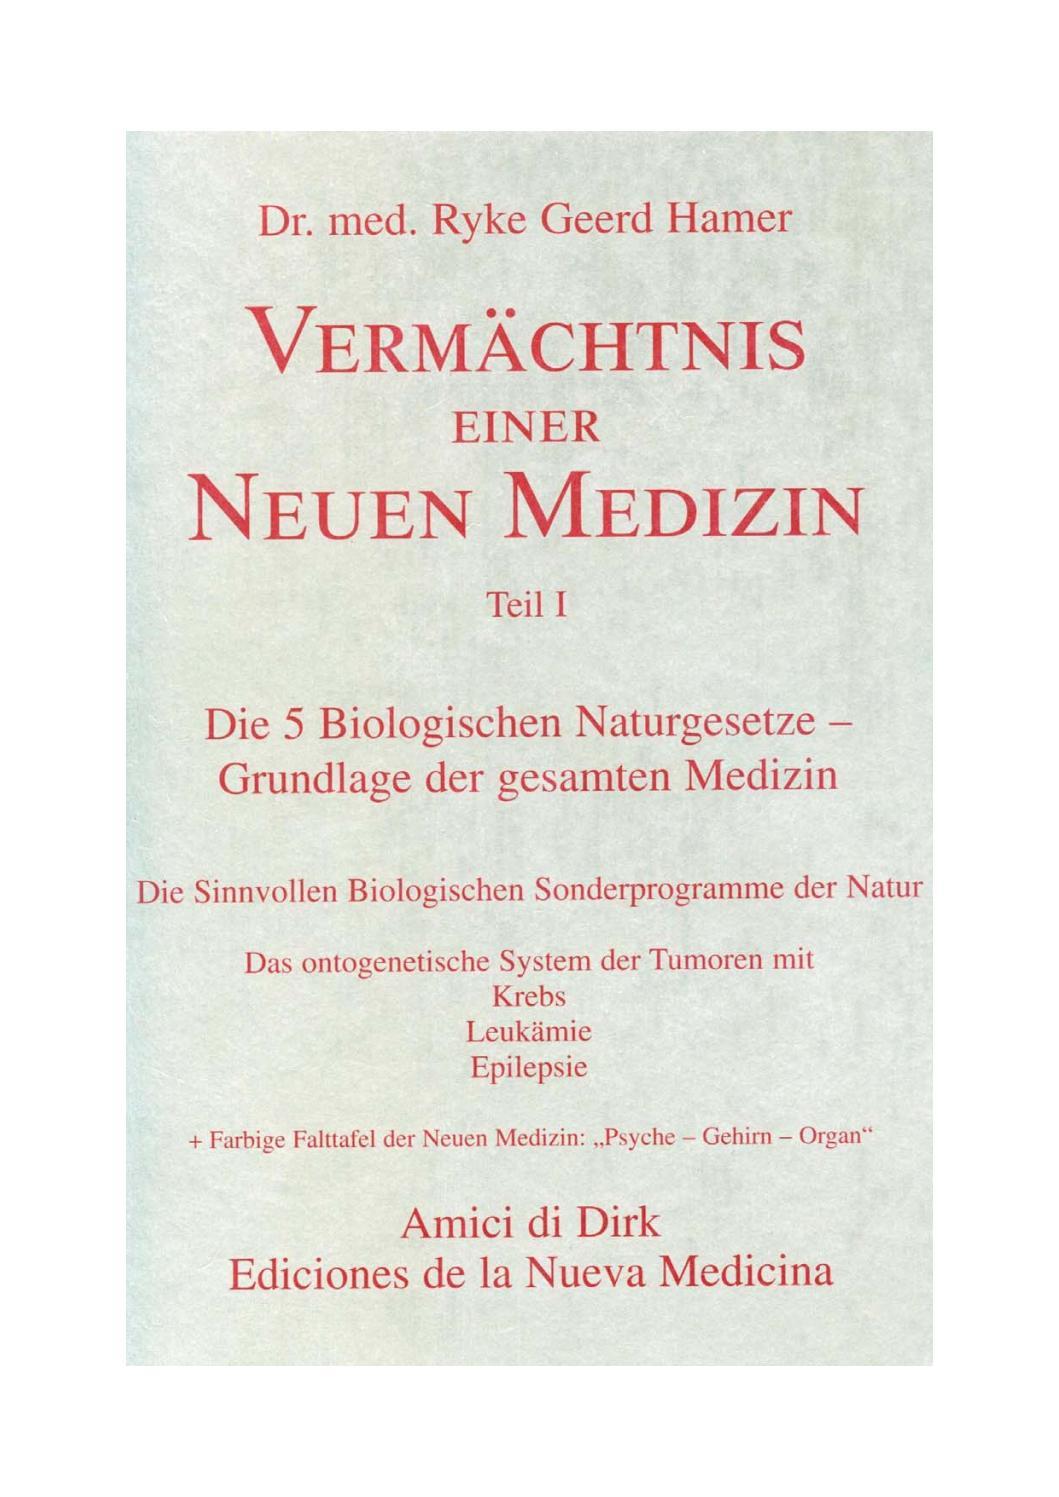 Großartig Anatomie Der Krebse Zeitgenössisch - Physiologie Von ...